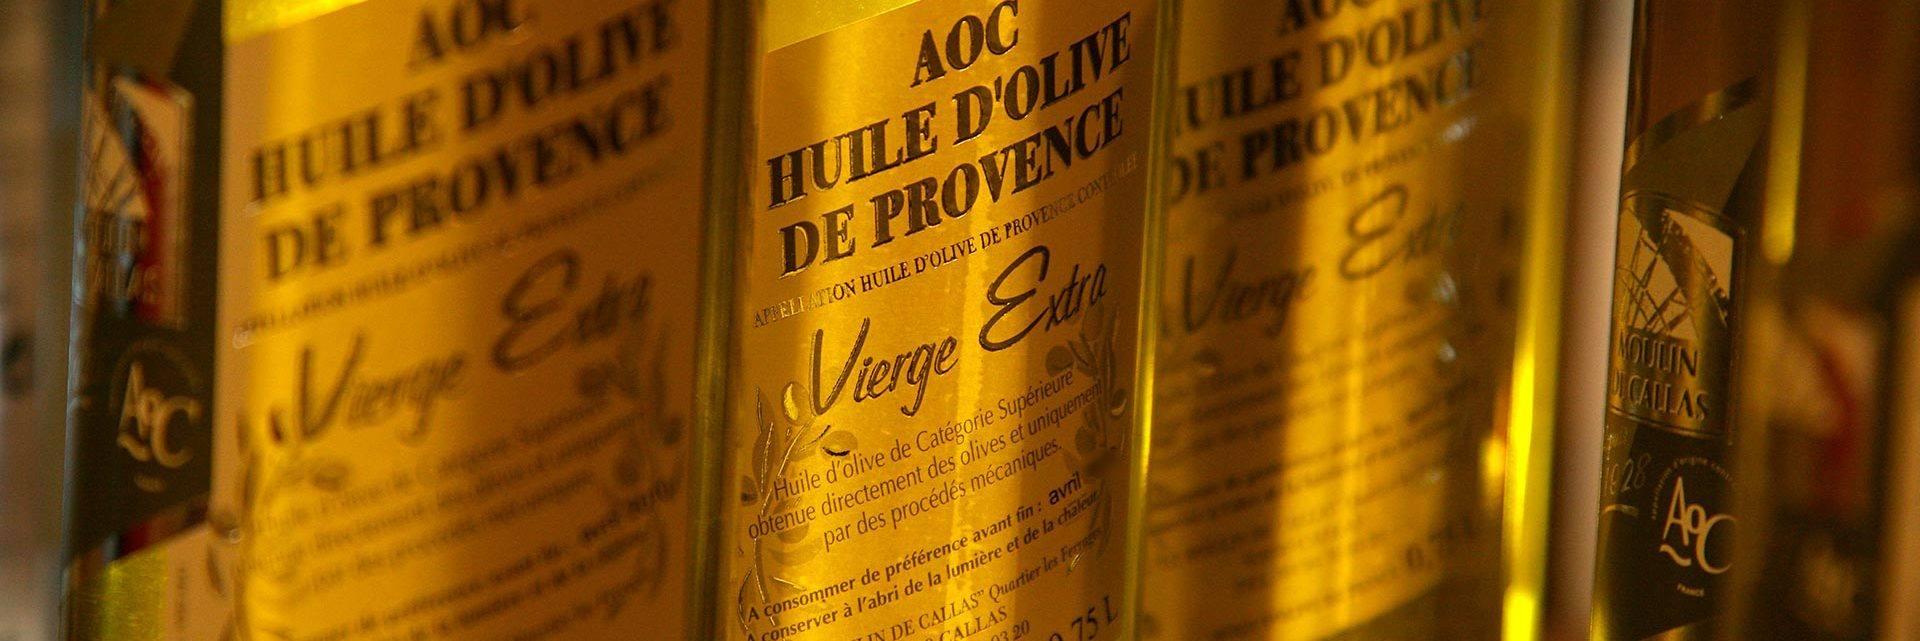 Callas olive oil